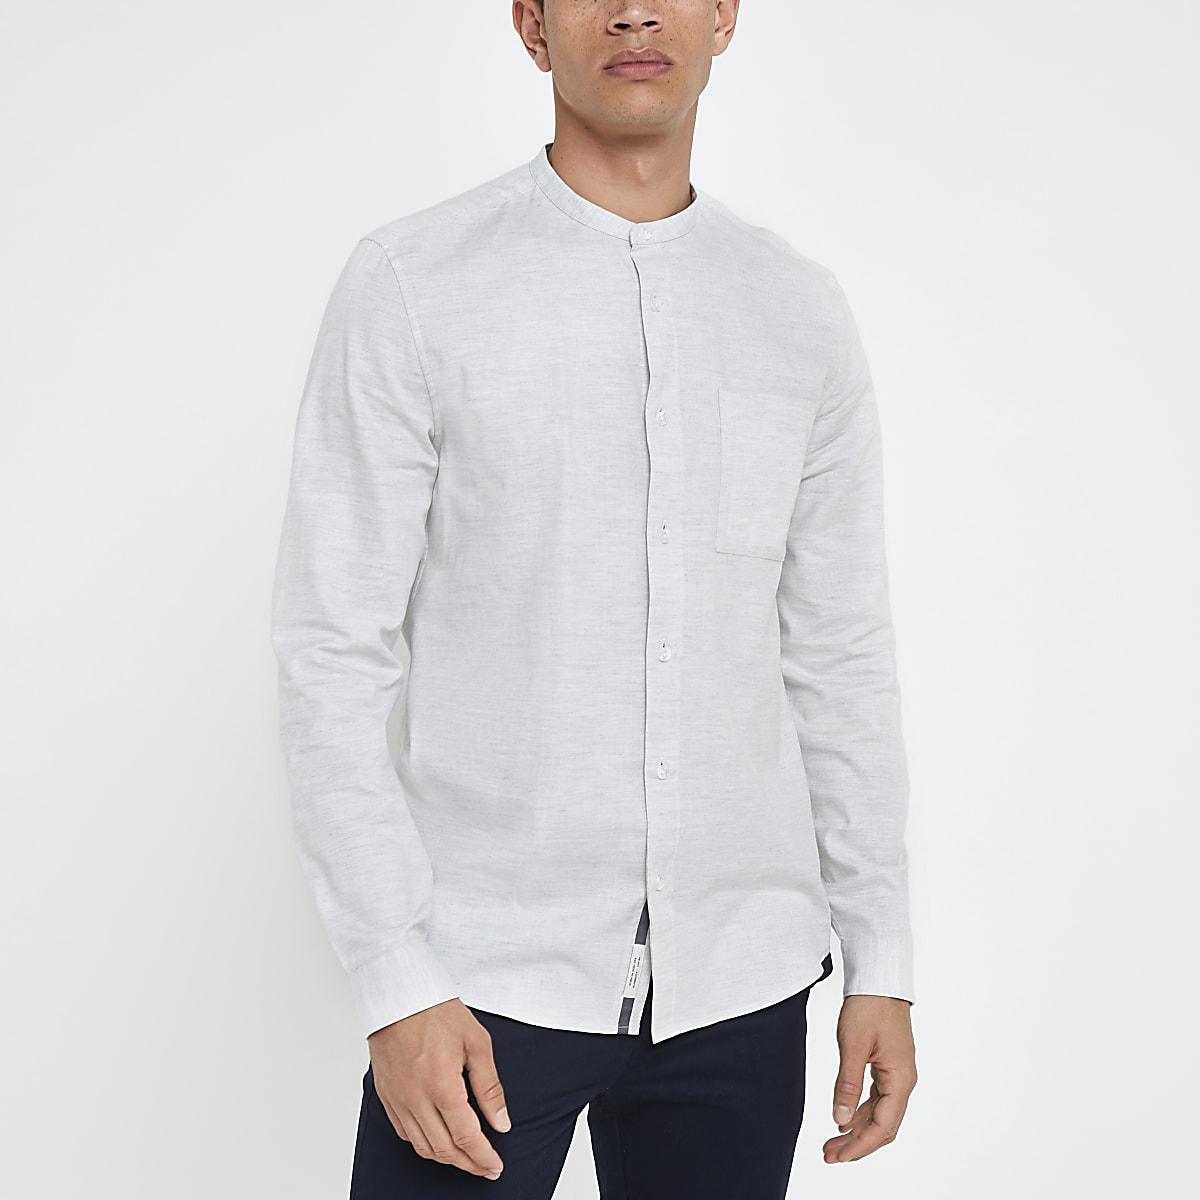 Grijs overhemd zonder kraag met visgraatmotief en lange mouwen